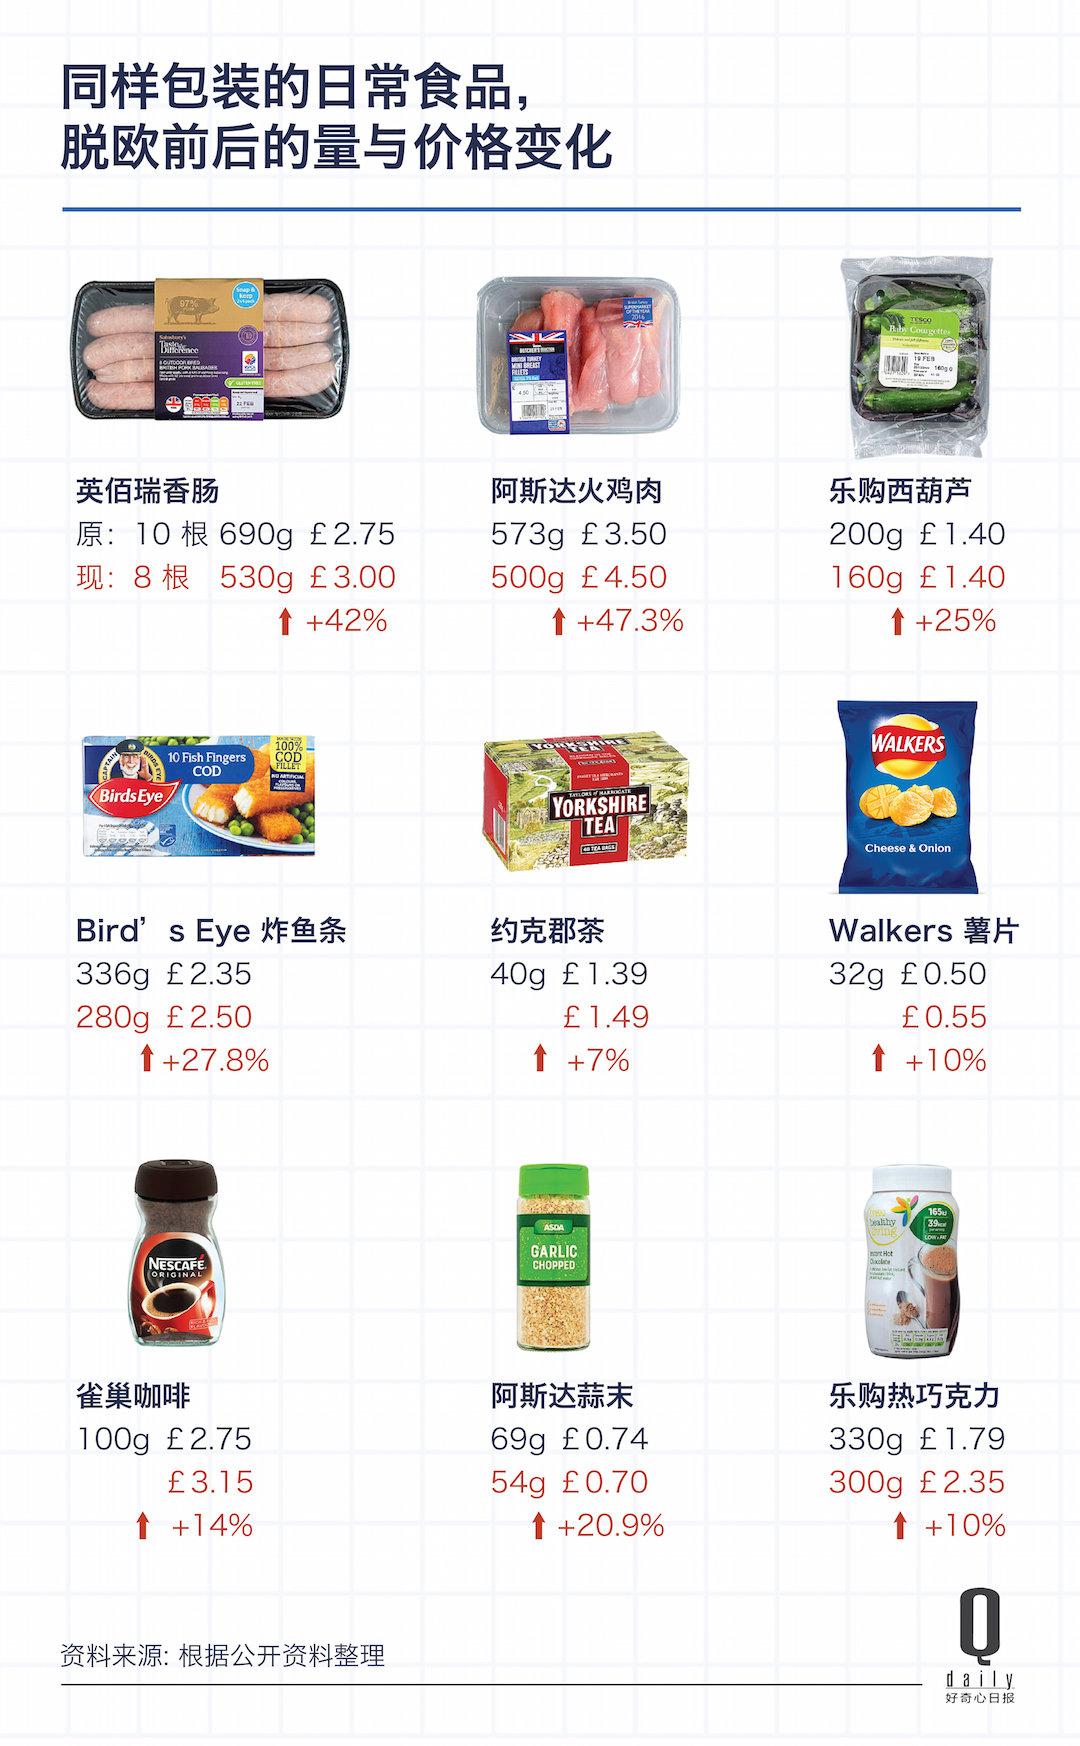 脱欧之后,英国几乎所有能吃能喝的都涨价了|好奇心小数据_商业_好奇心日报